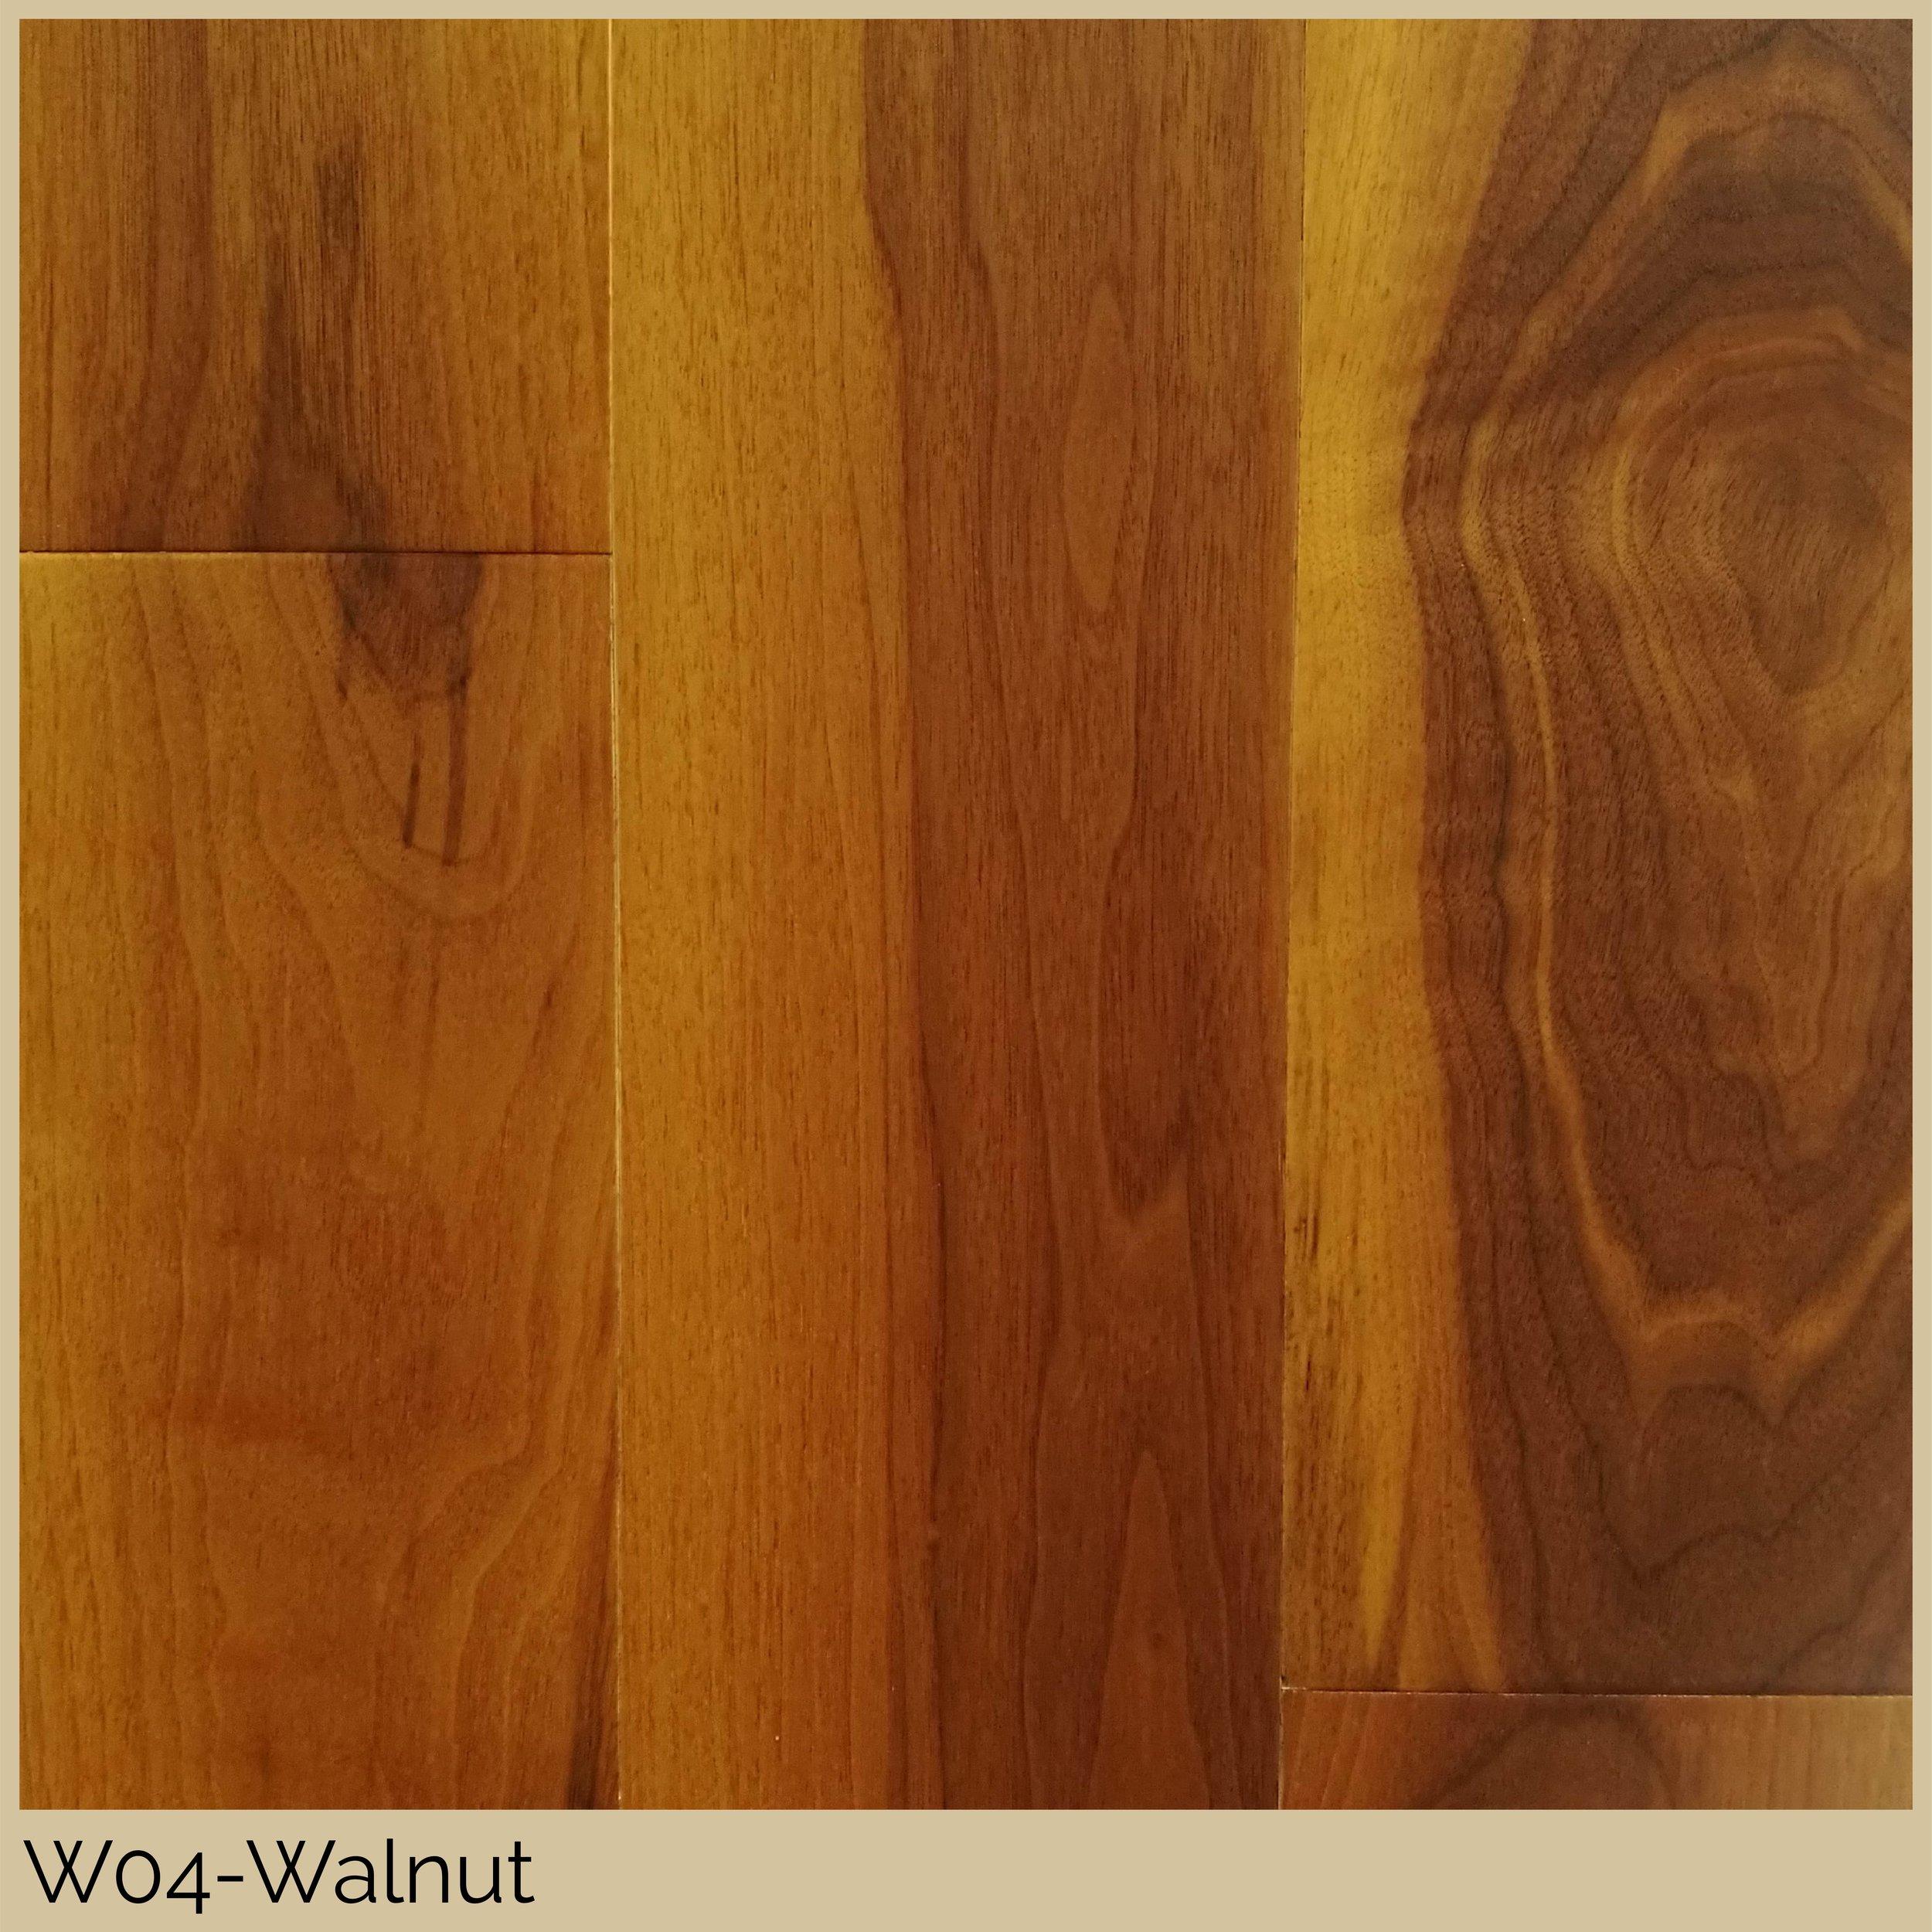 W04-Walnut.jpg